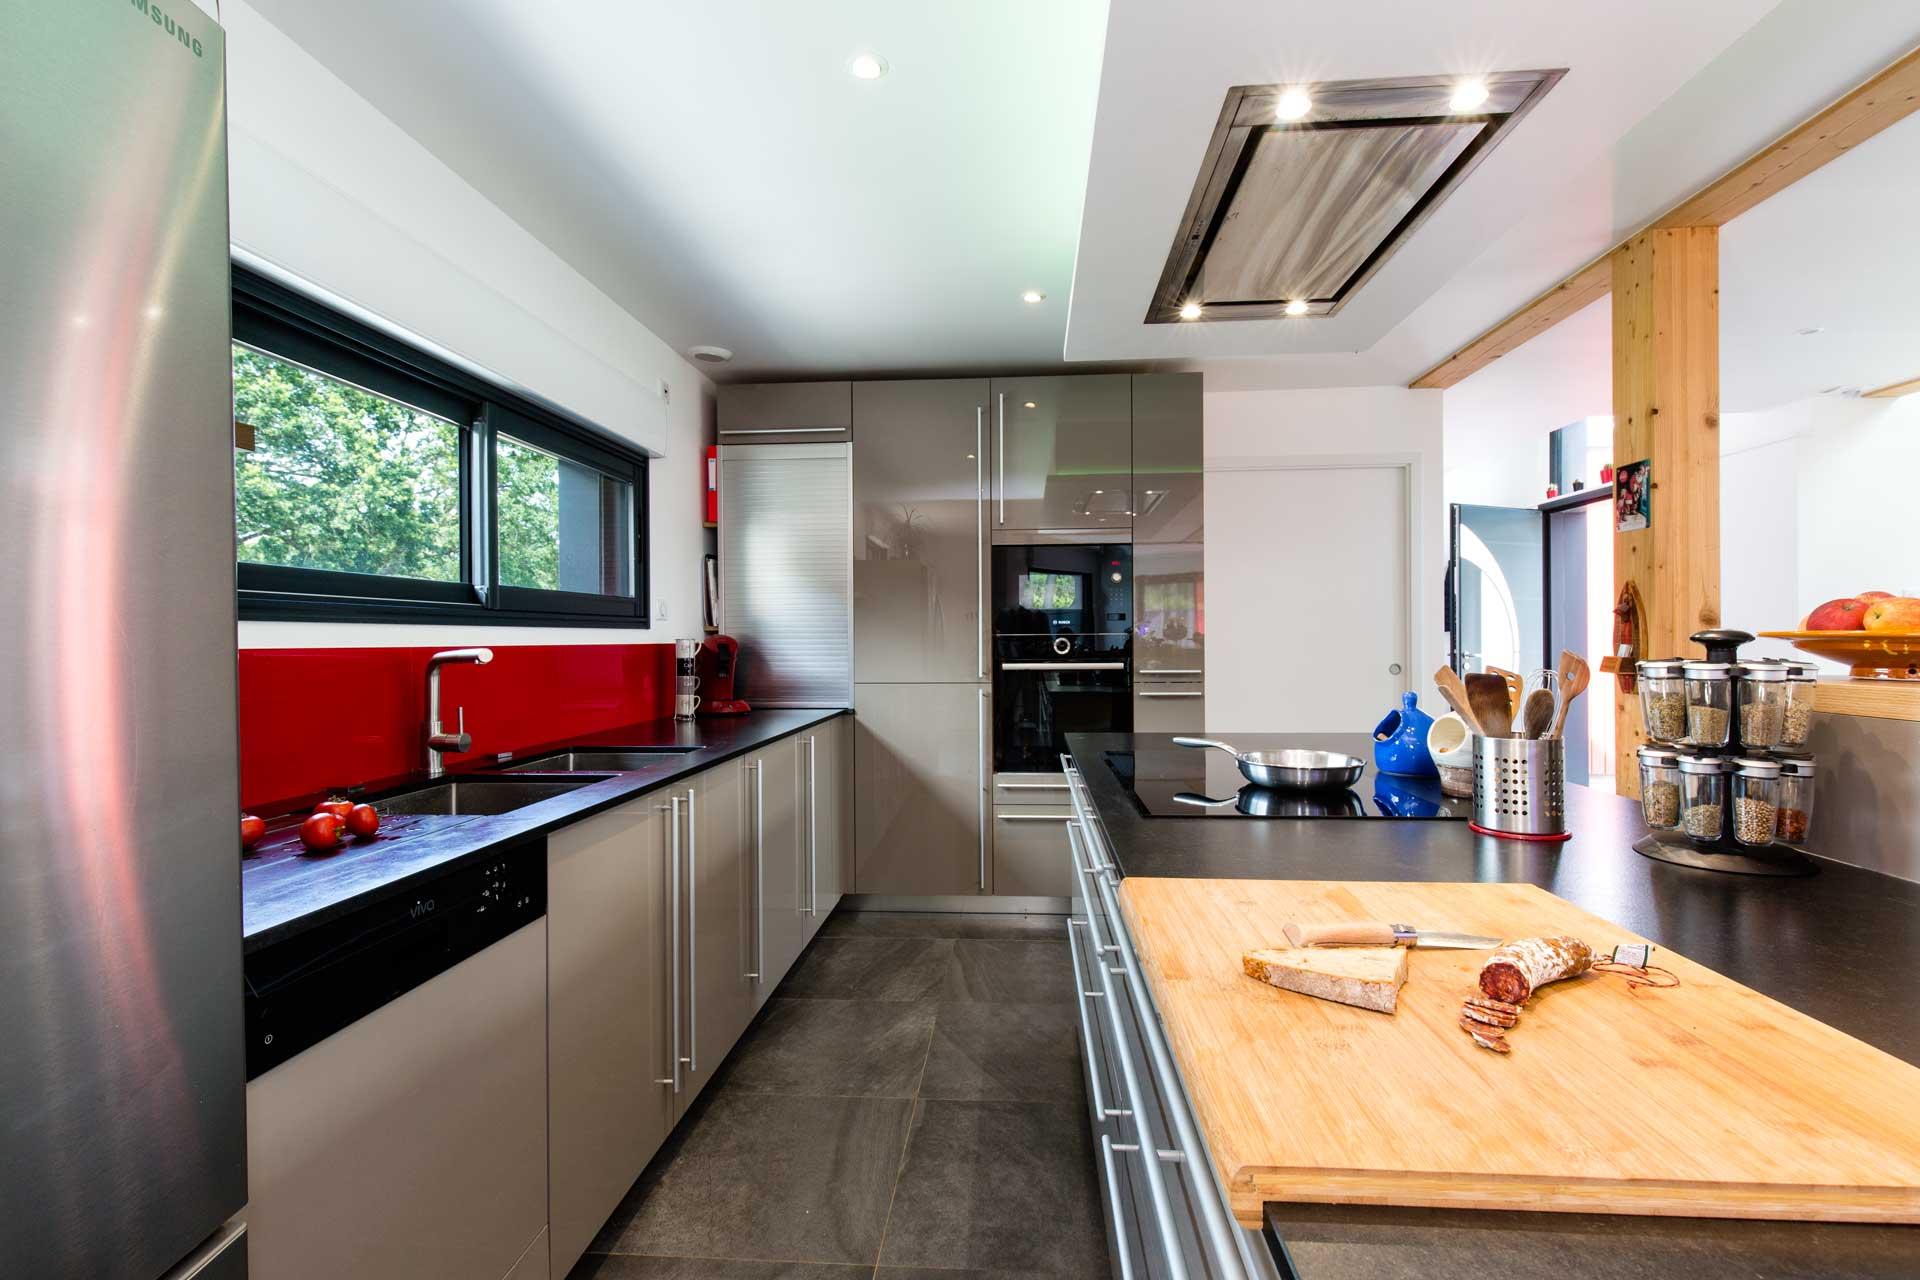 intramuros-home Très contemporaine cette cuisine allie le brillant de la laque des façades avec le bois et le noir structuré du granit